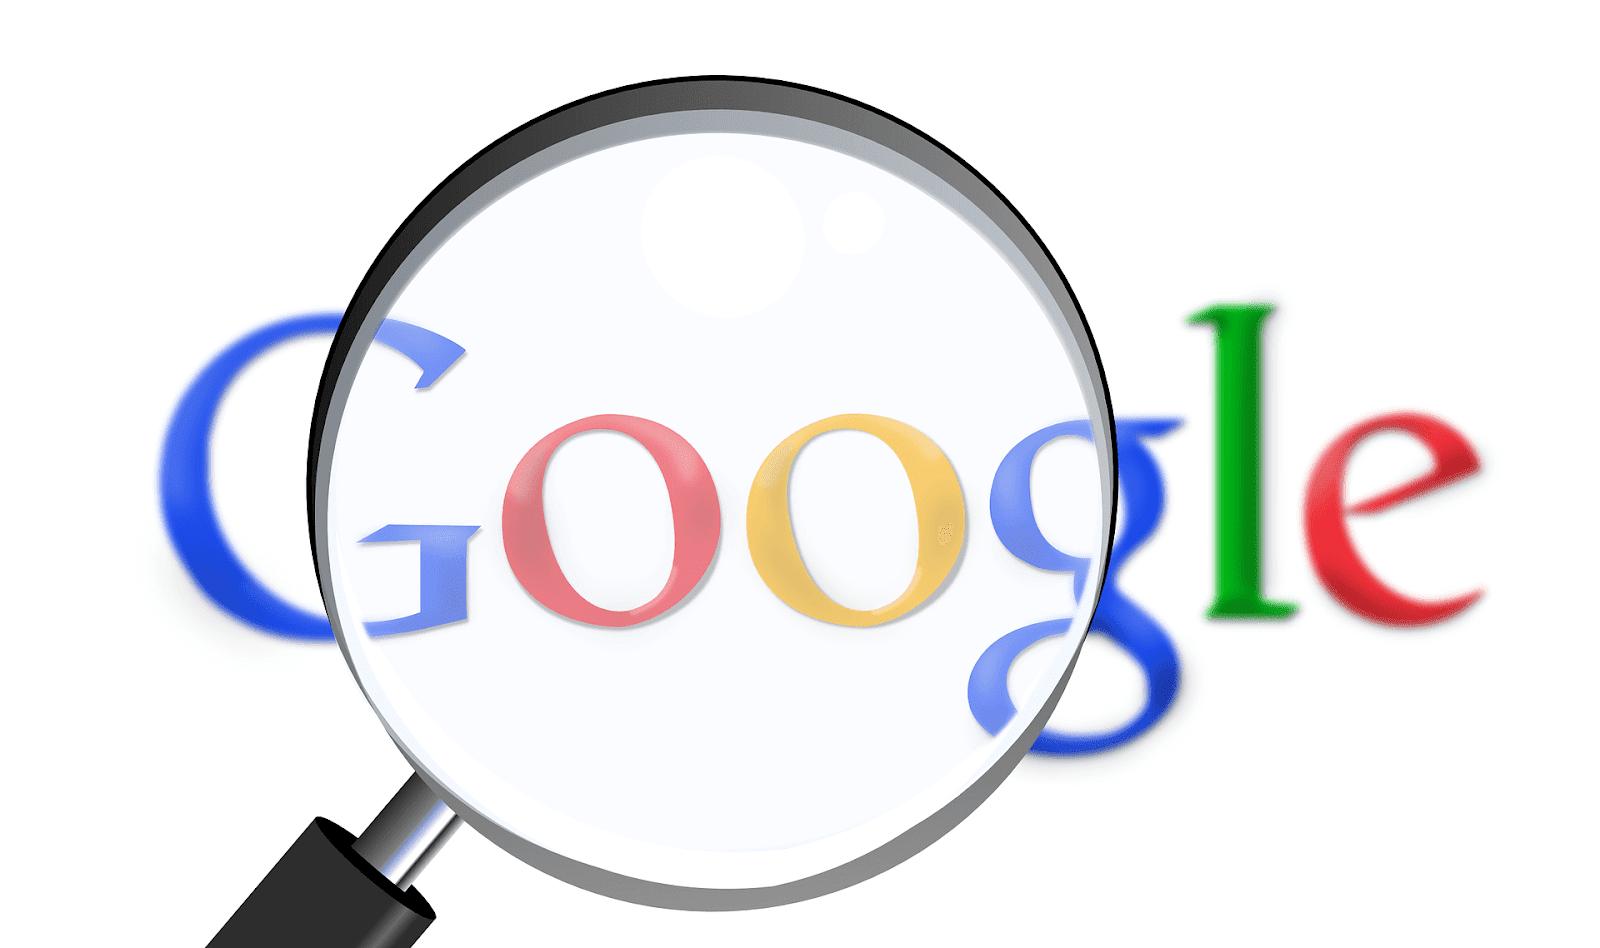 هواوي تعلن عن نزول هواتفها الجديدة بدون خدمات جوجل